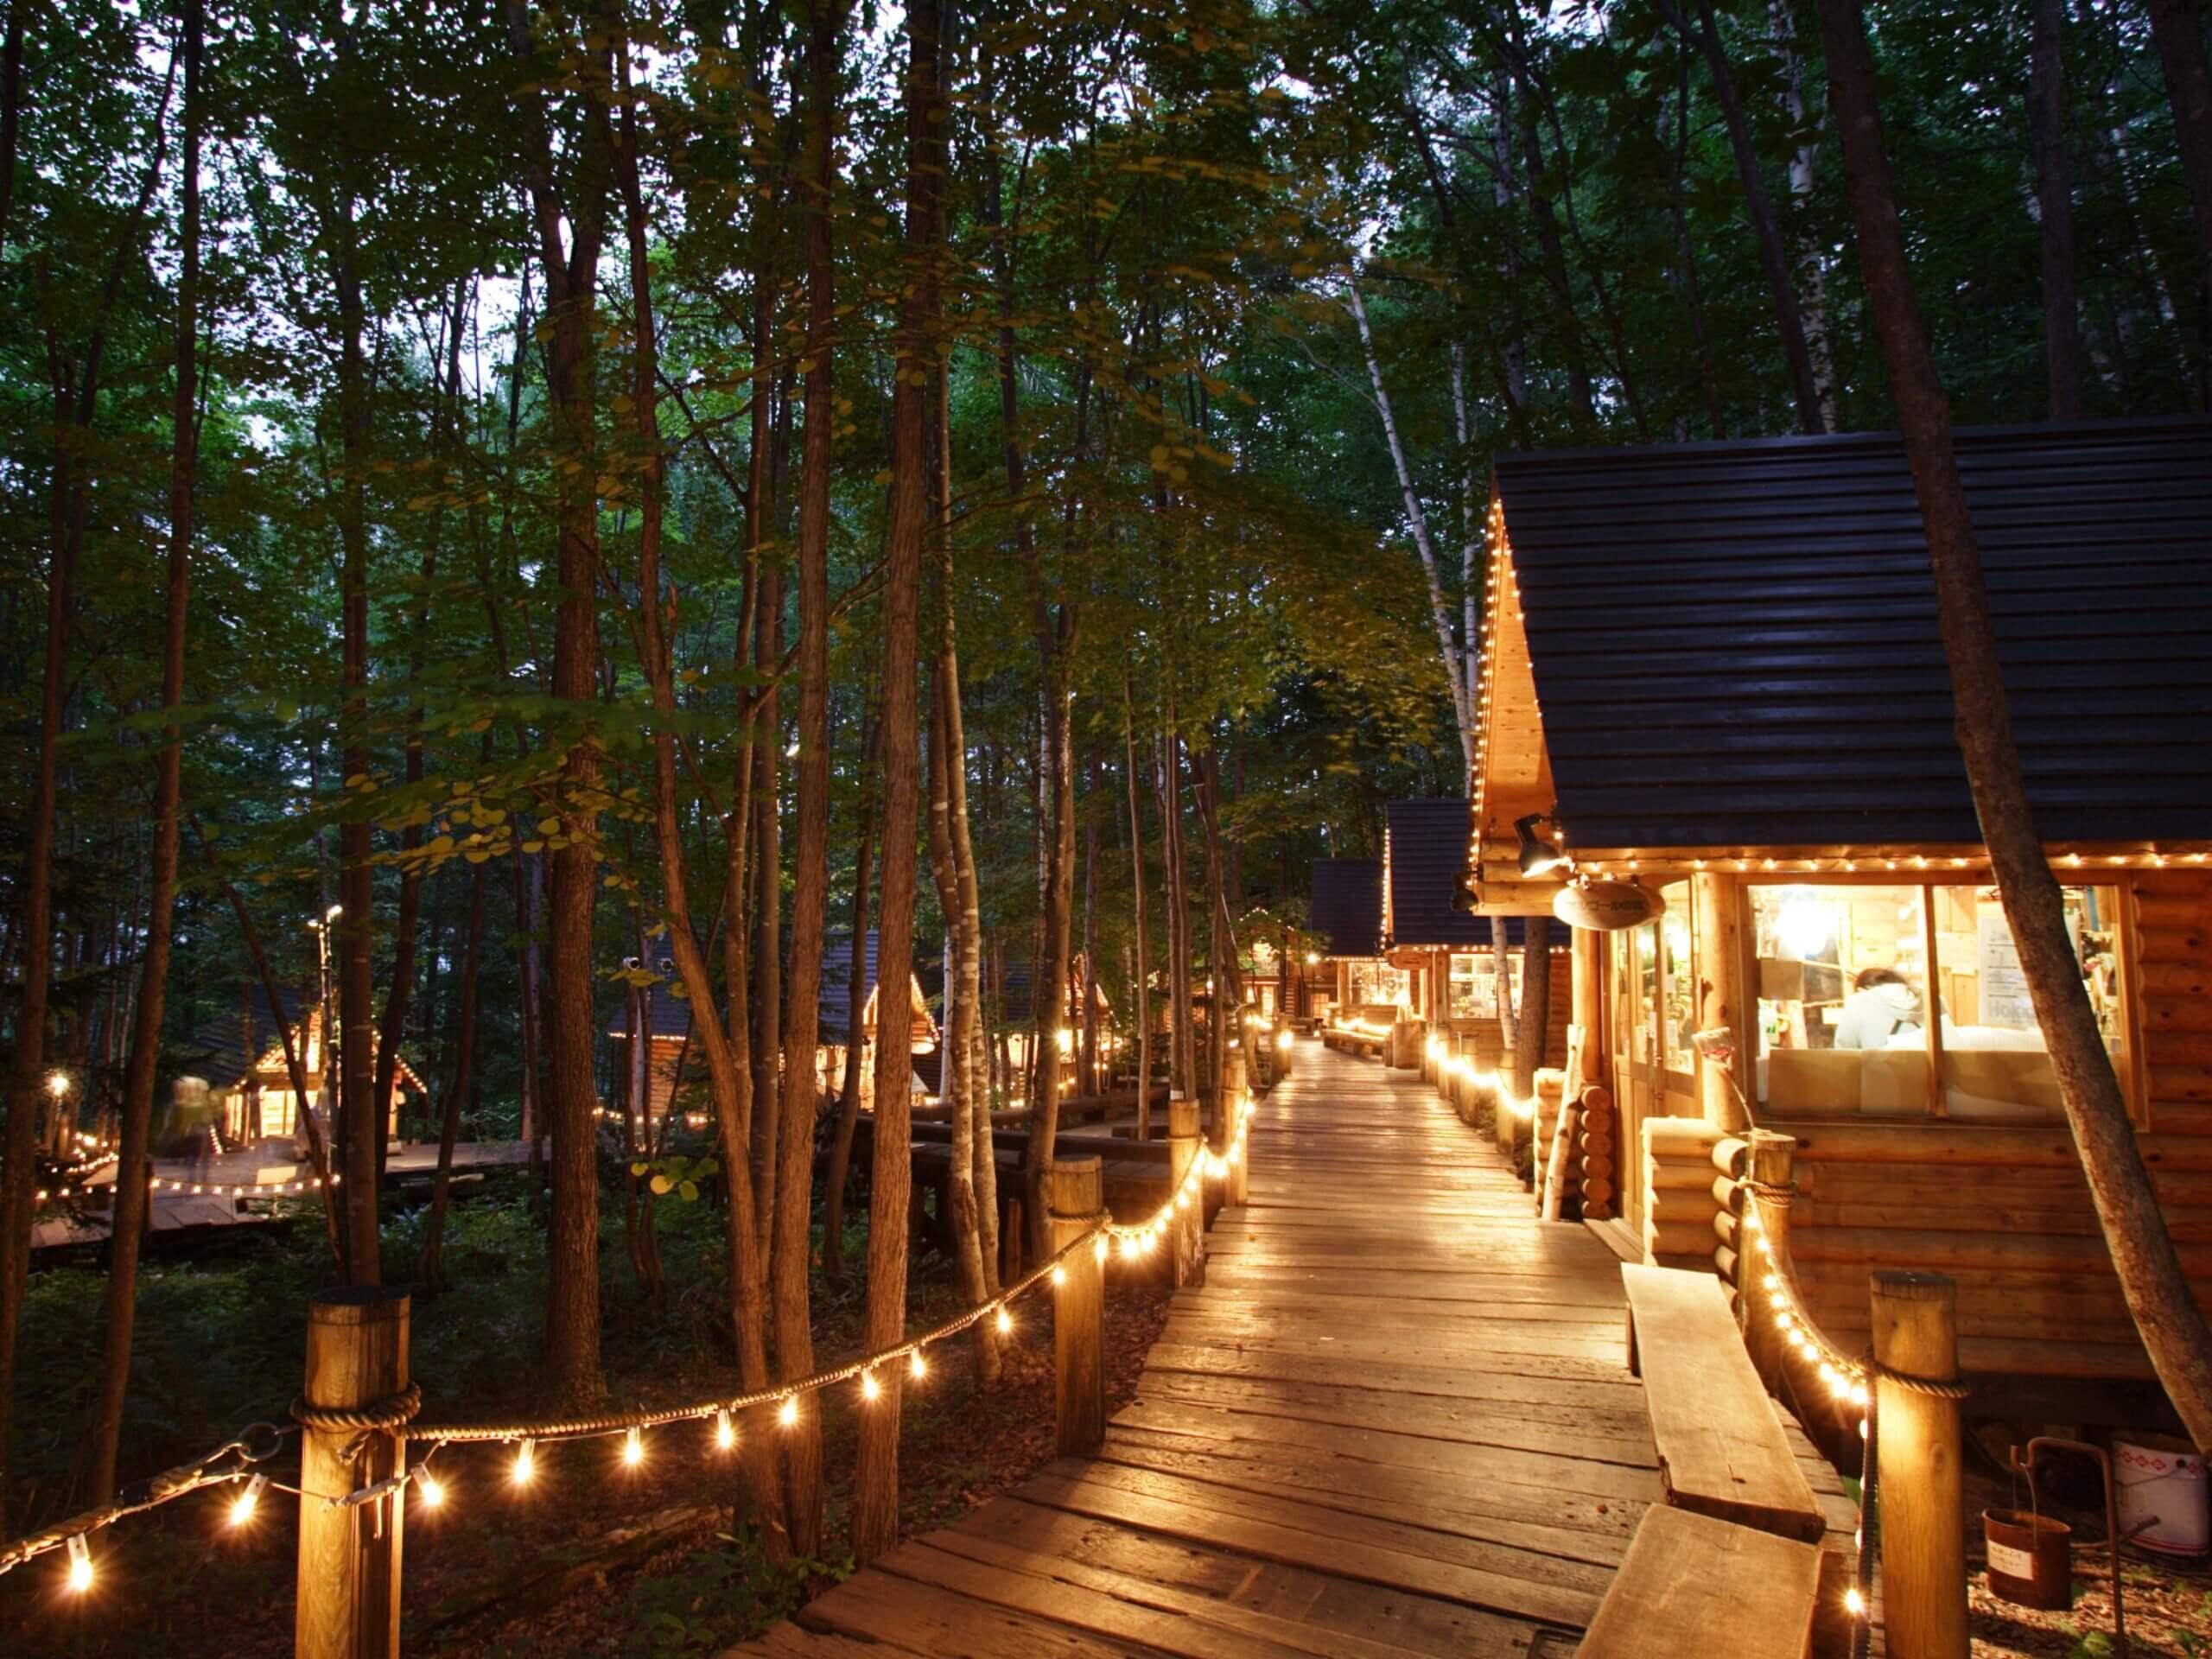 佇立在森林中的夢幻小木屋:森林精靈露台